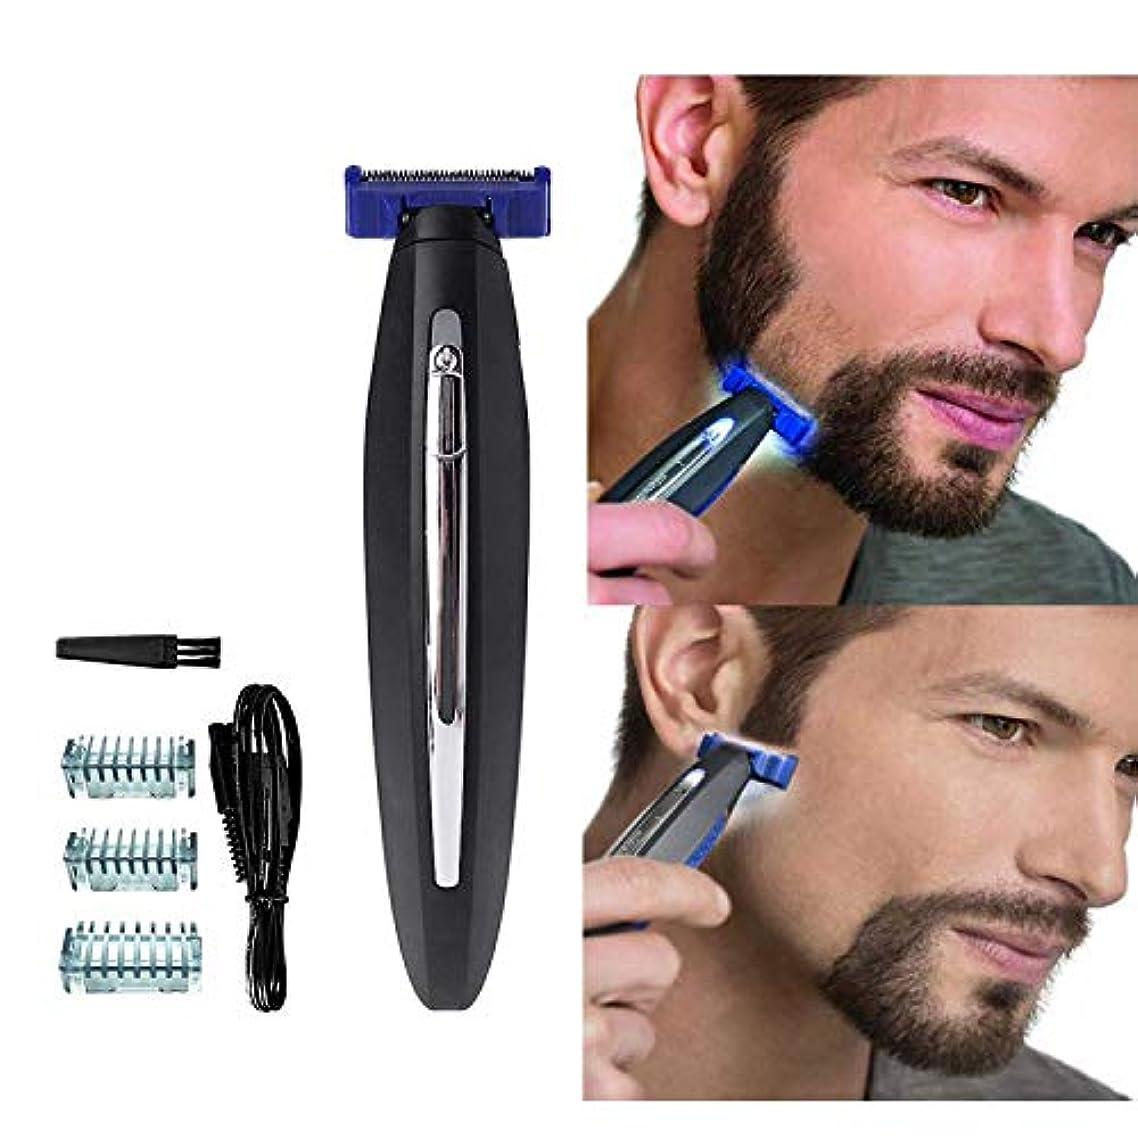 セール支店悪質な男性のための電気かみそり、髪のクリーニングシェーバートリマーと防水スマートかみそり、男性のための眉毛のひげのフェイシャルとボディヘアーのための毛の除去剤, black